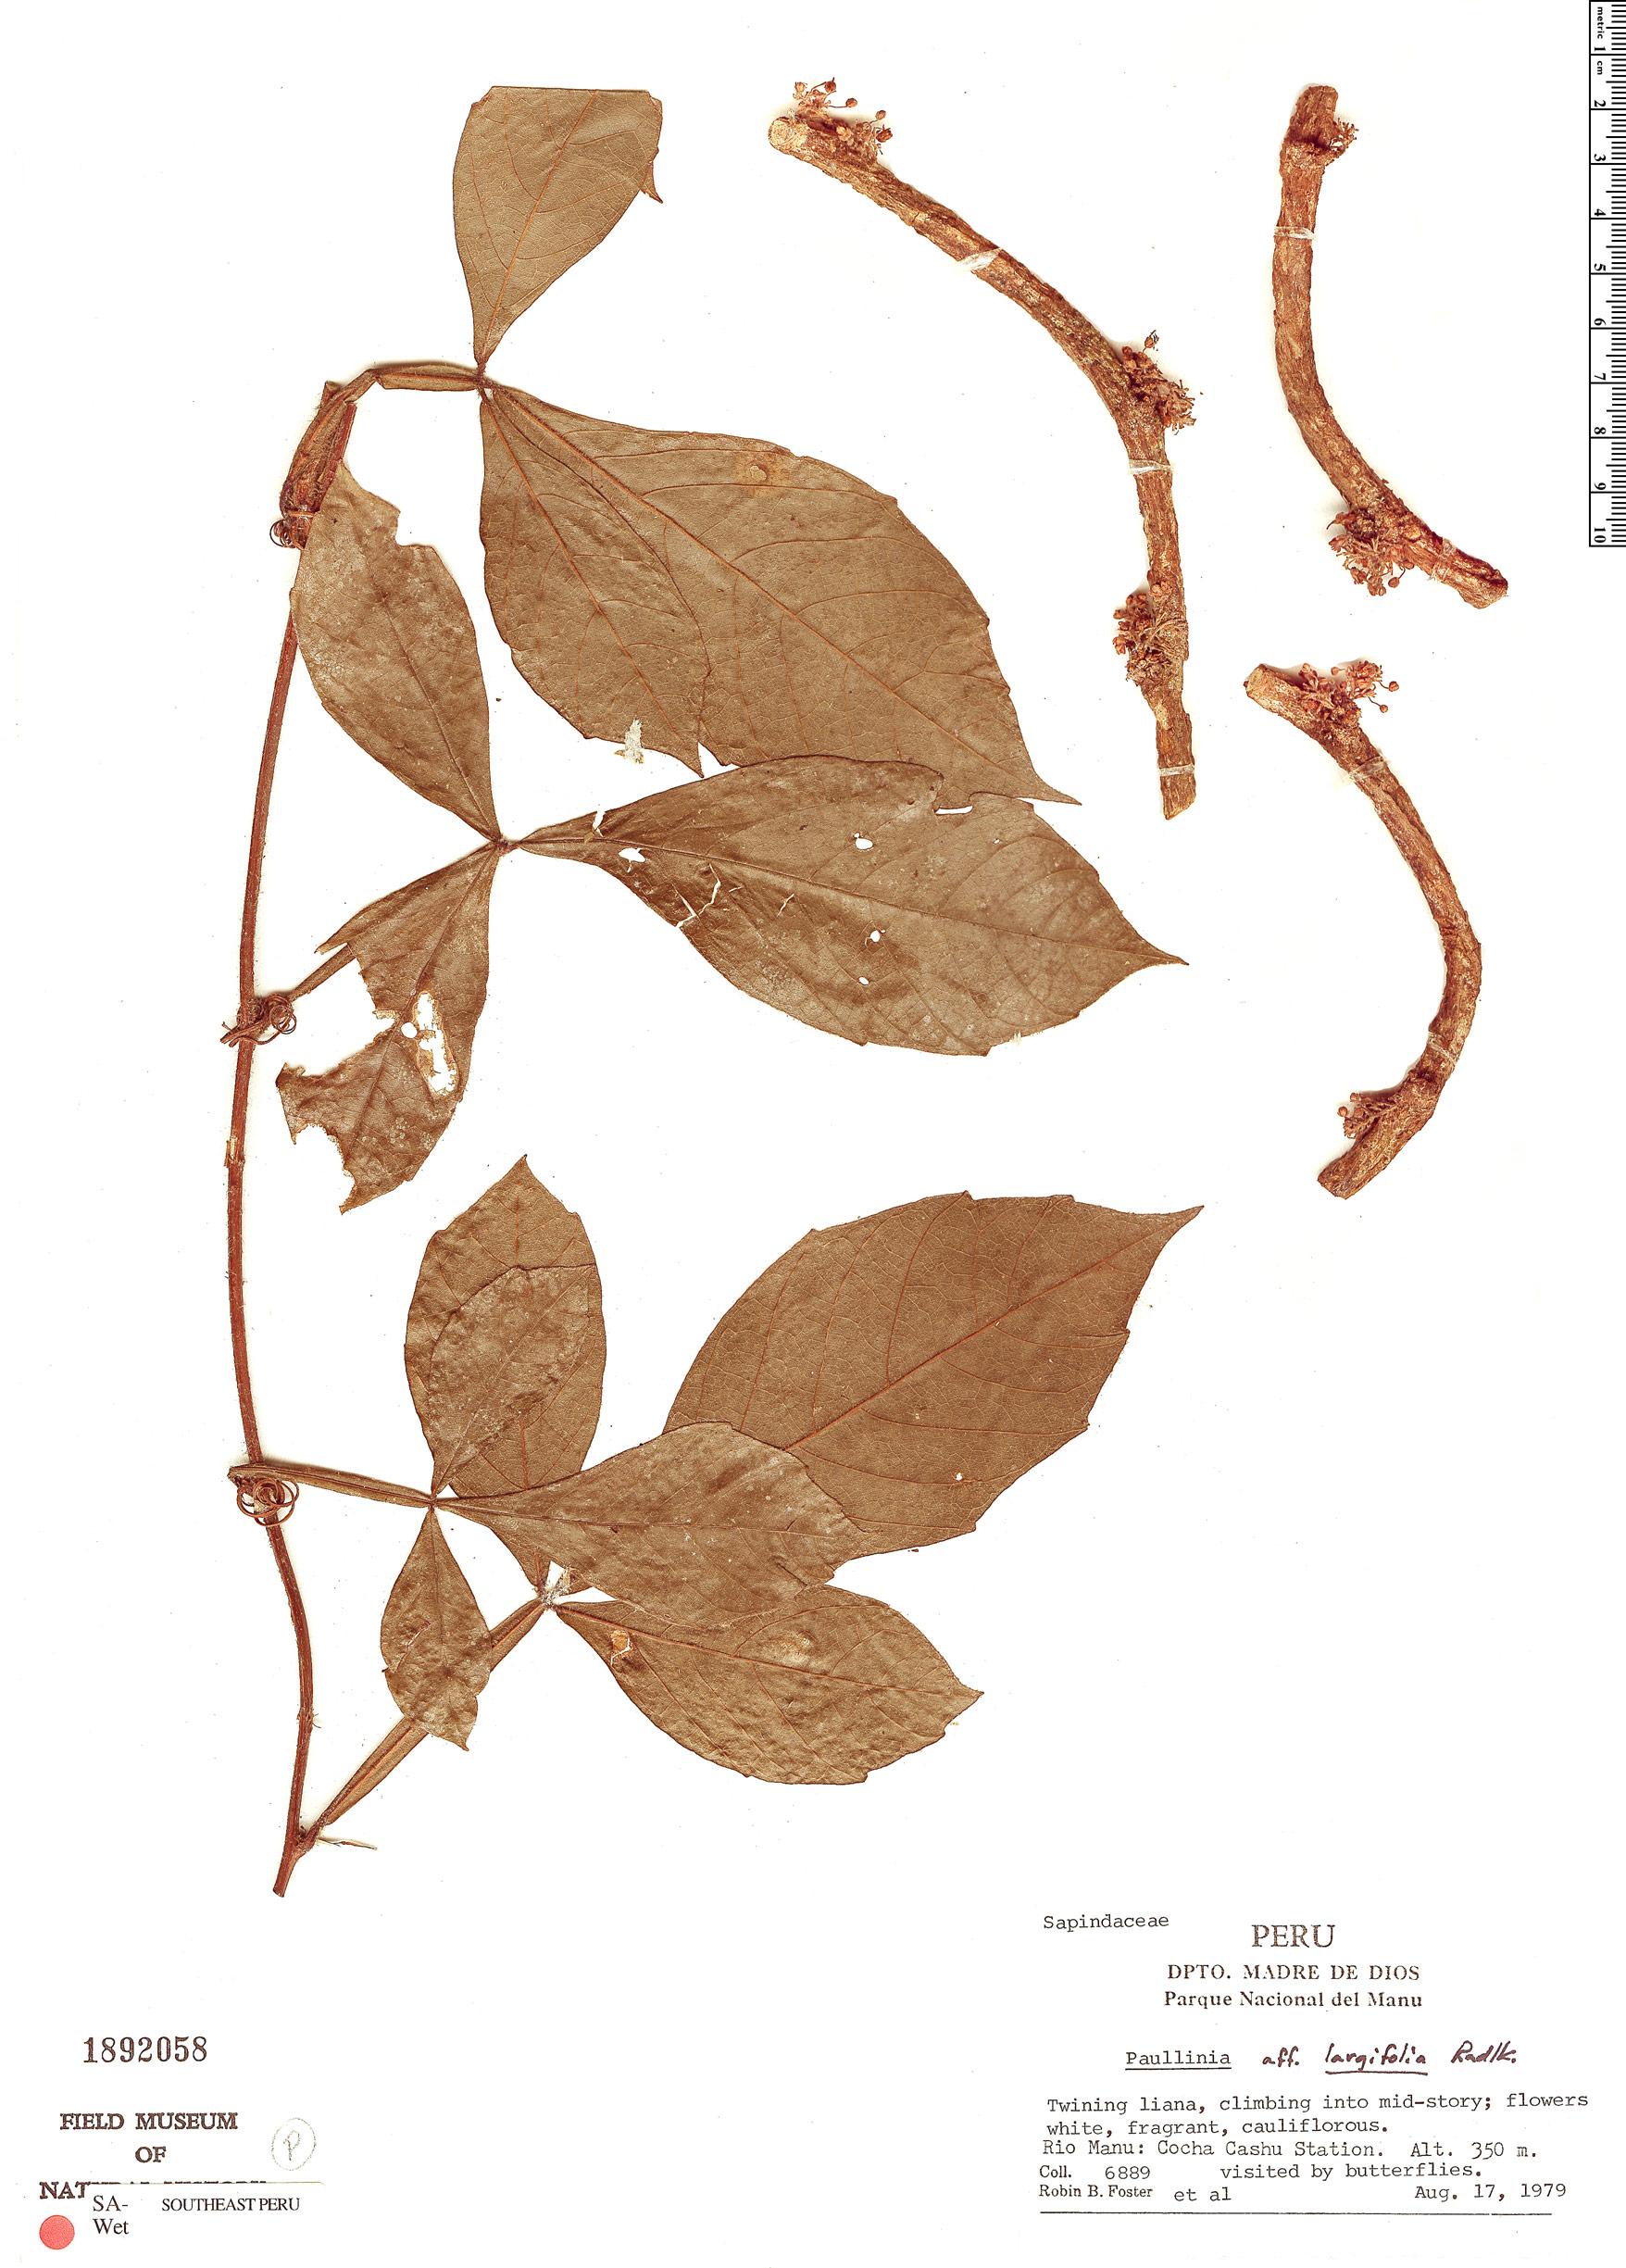 Specimen: Paullinia largifolia